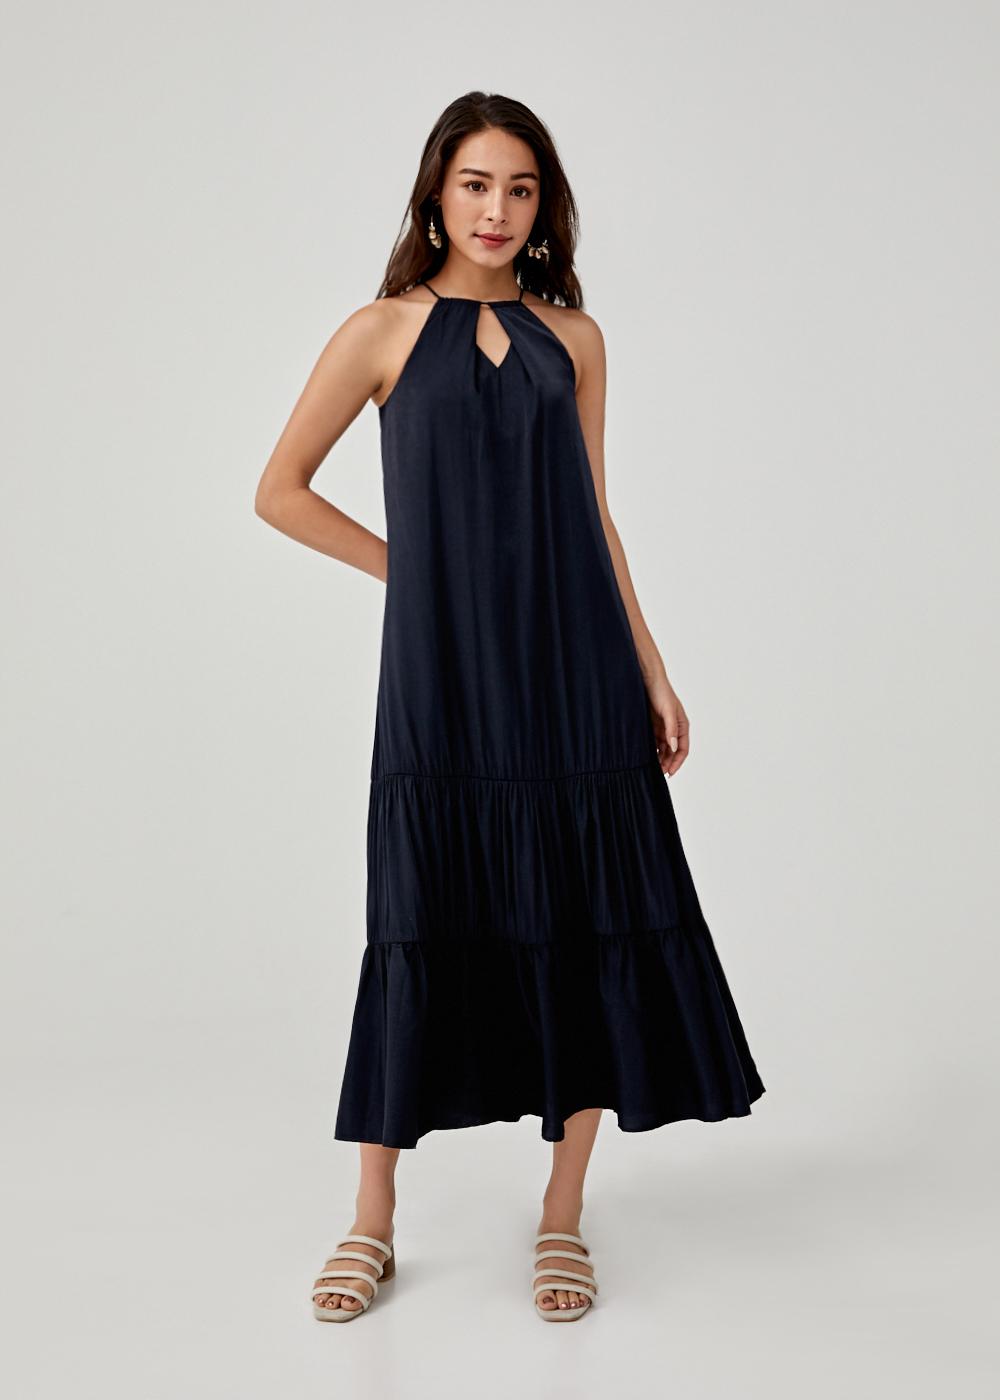 Hesper Ruffle Hem Maxi Dress